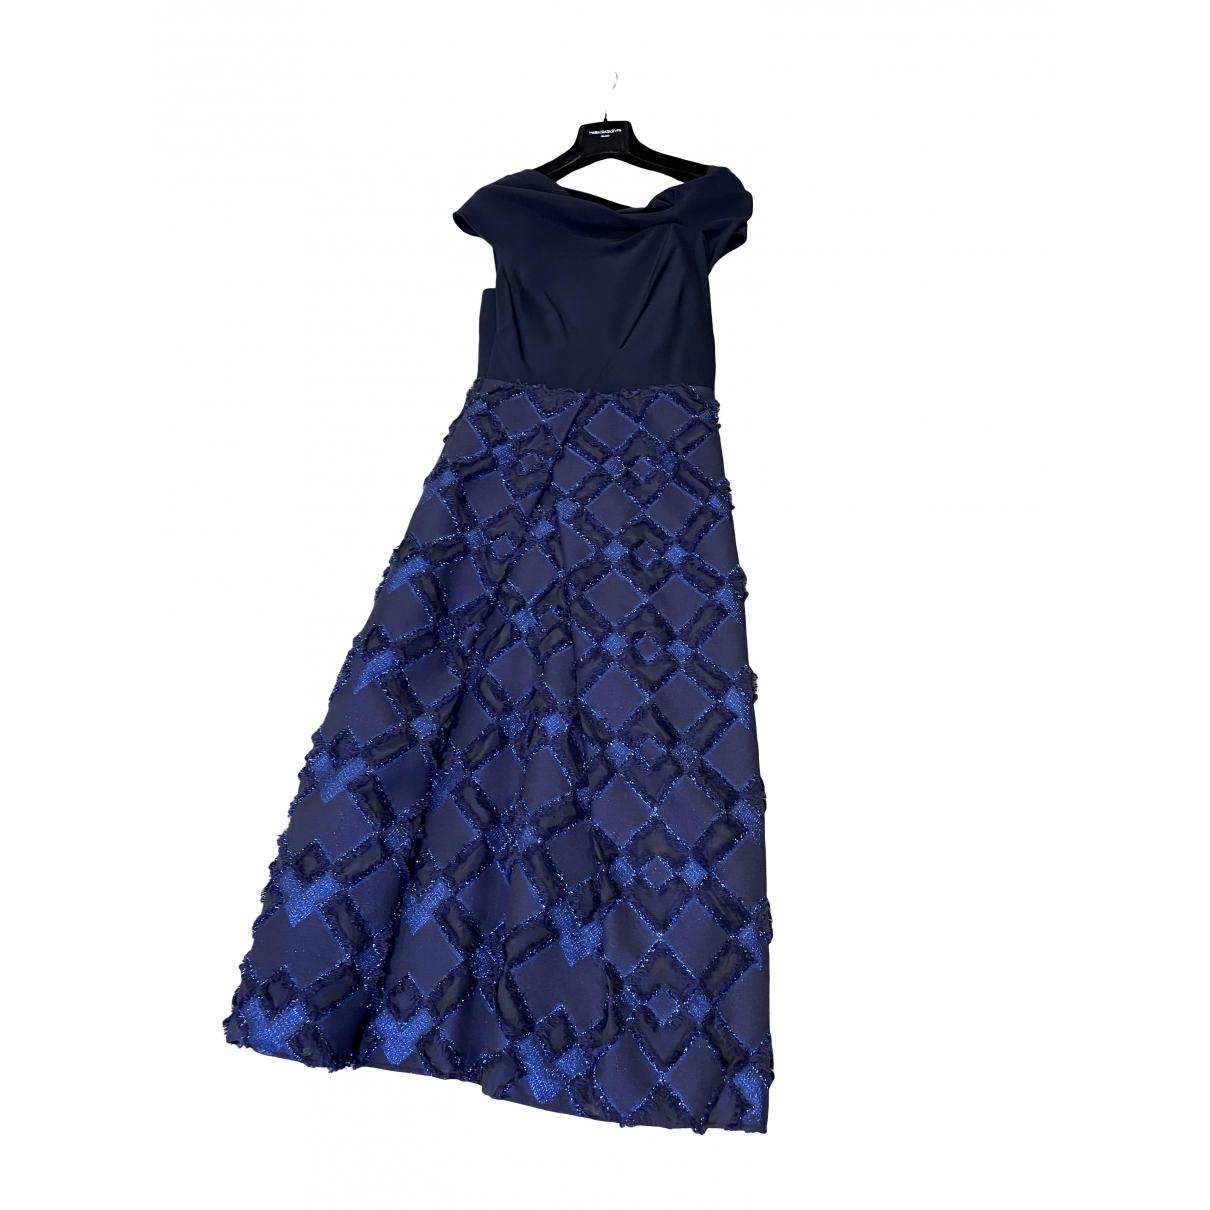 Maria Grazia Severi \N Kleid in  Blau Baumwolle